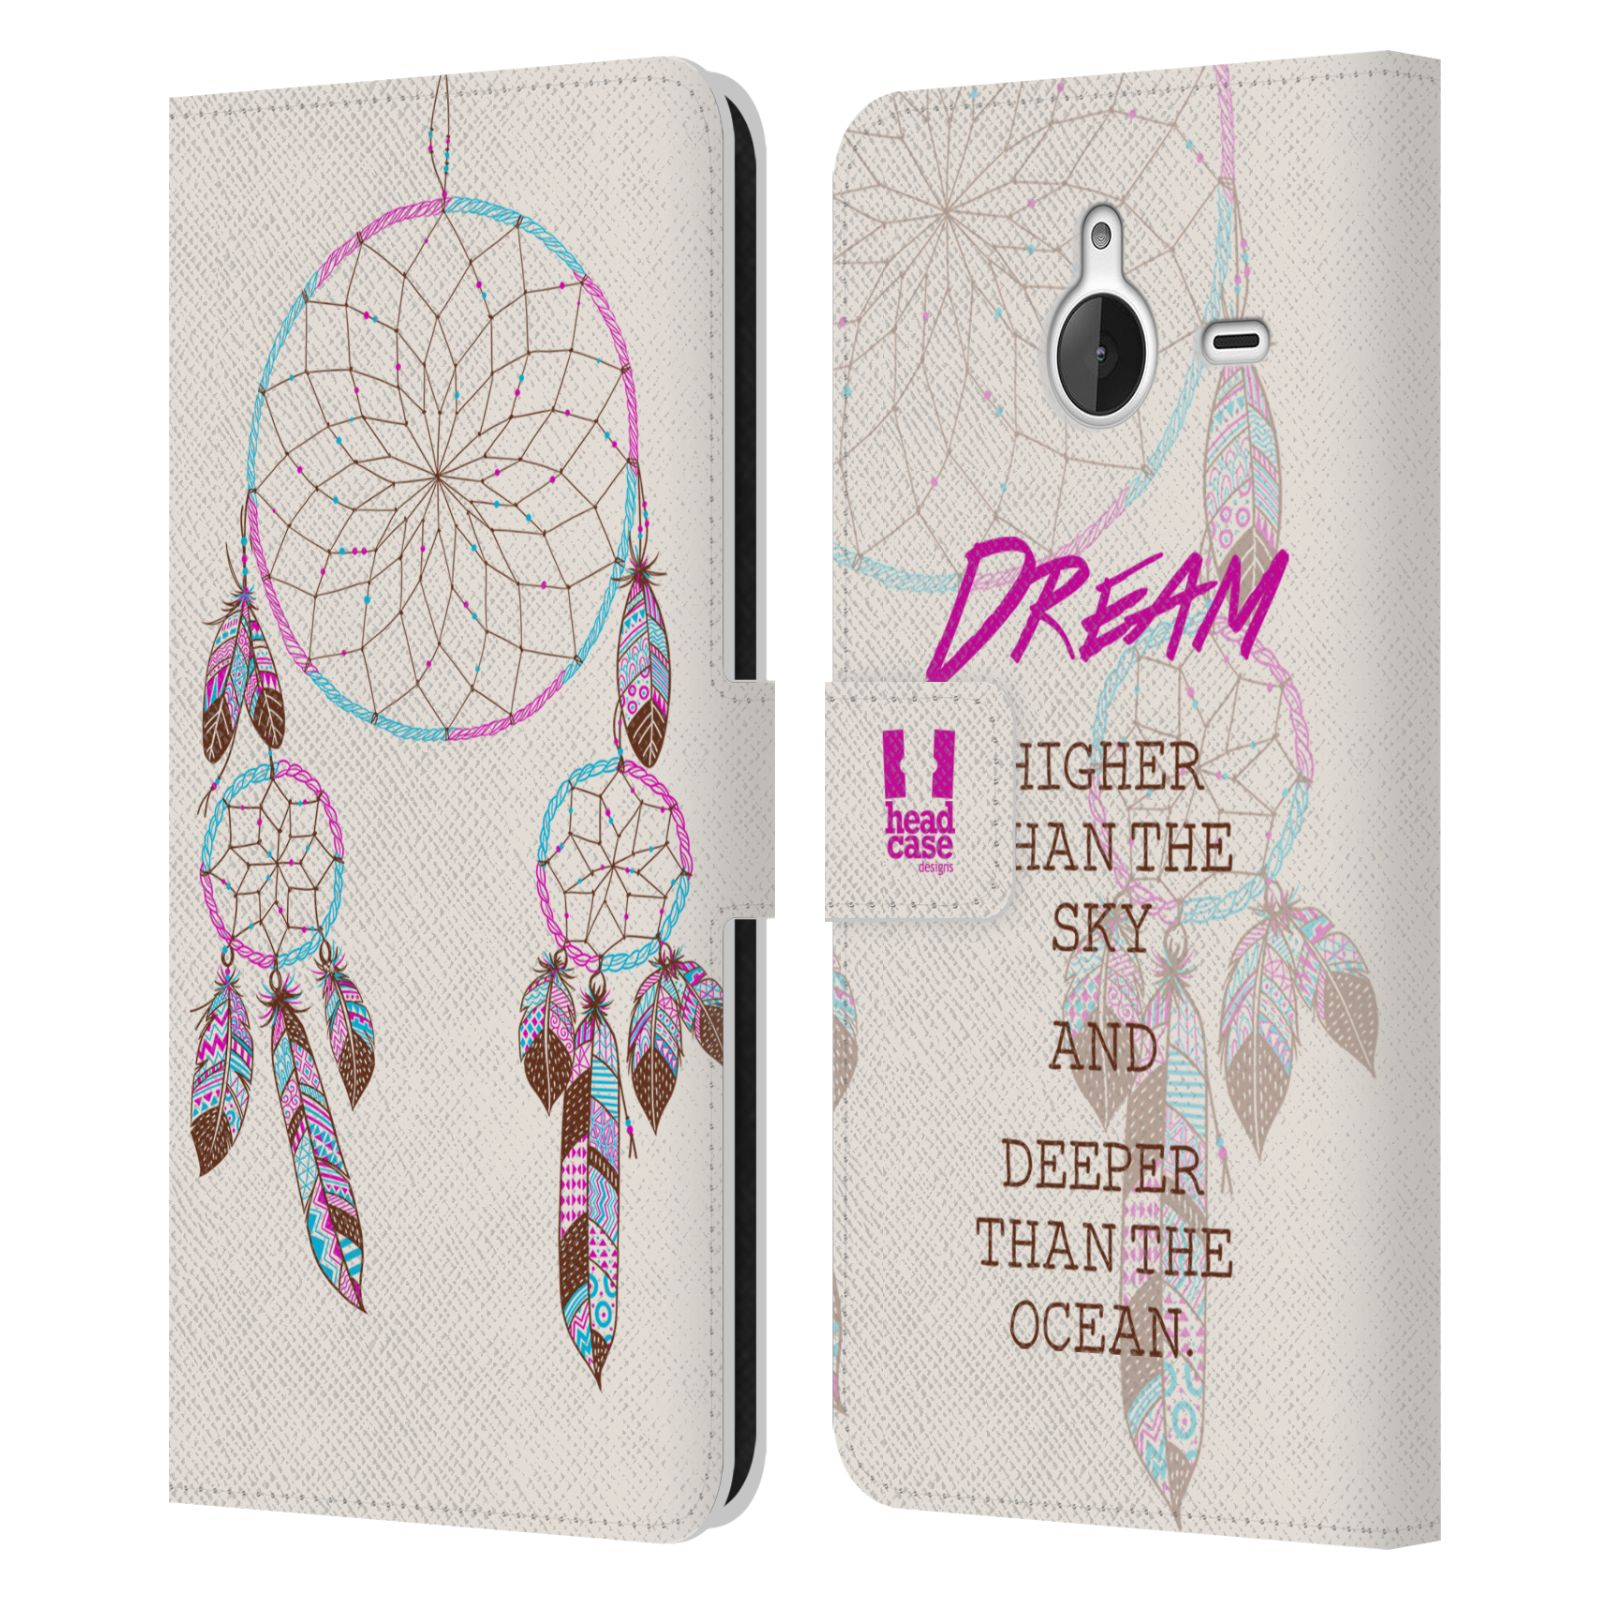 Pouzdro na mobil Nokia Lumia 640 XL - Head Case - Lapač snů fialová dream